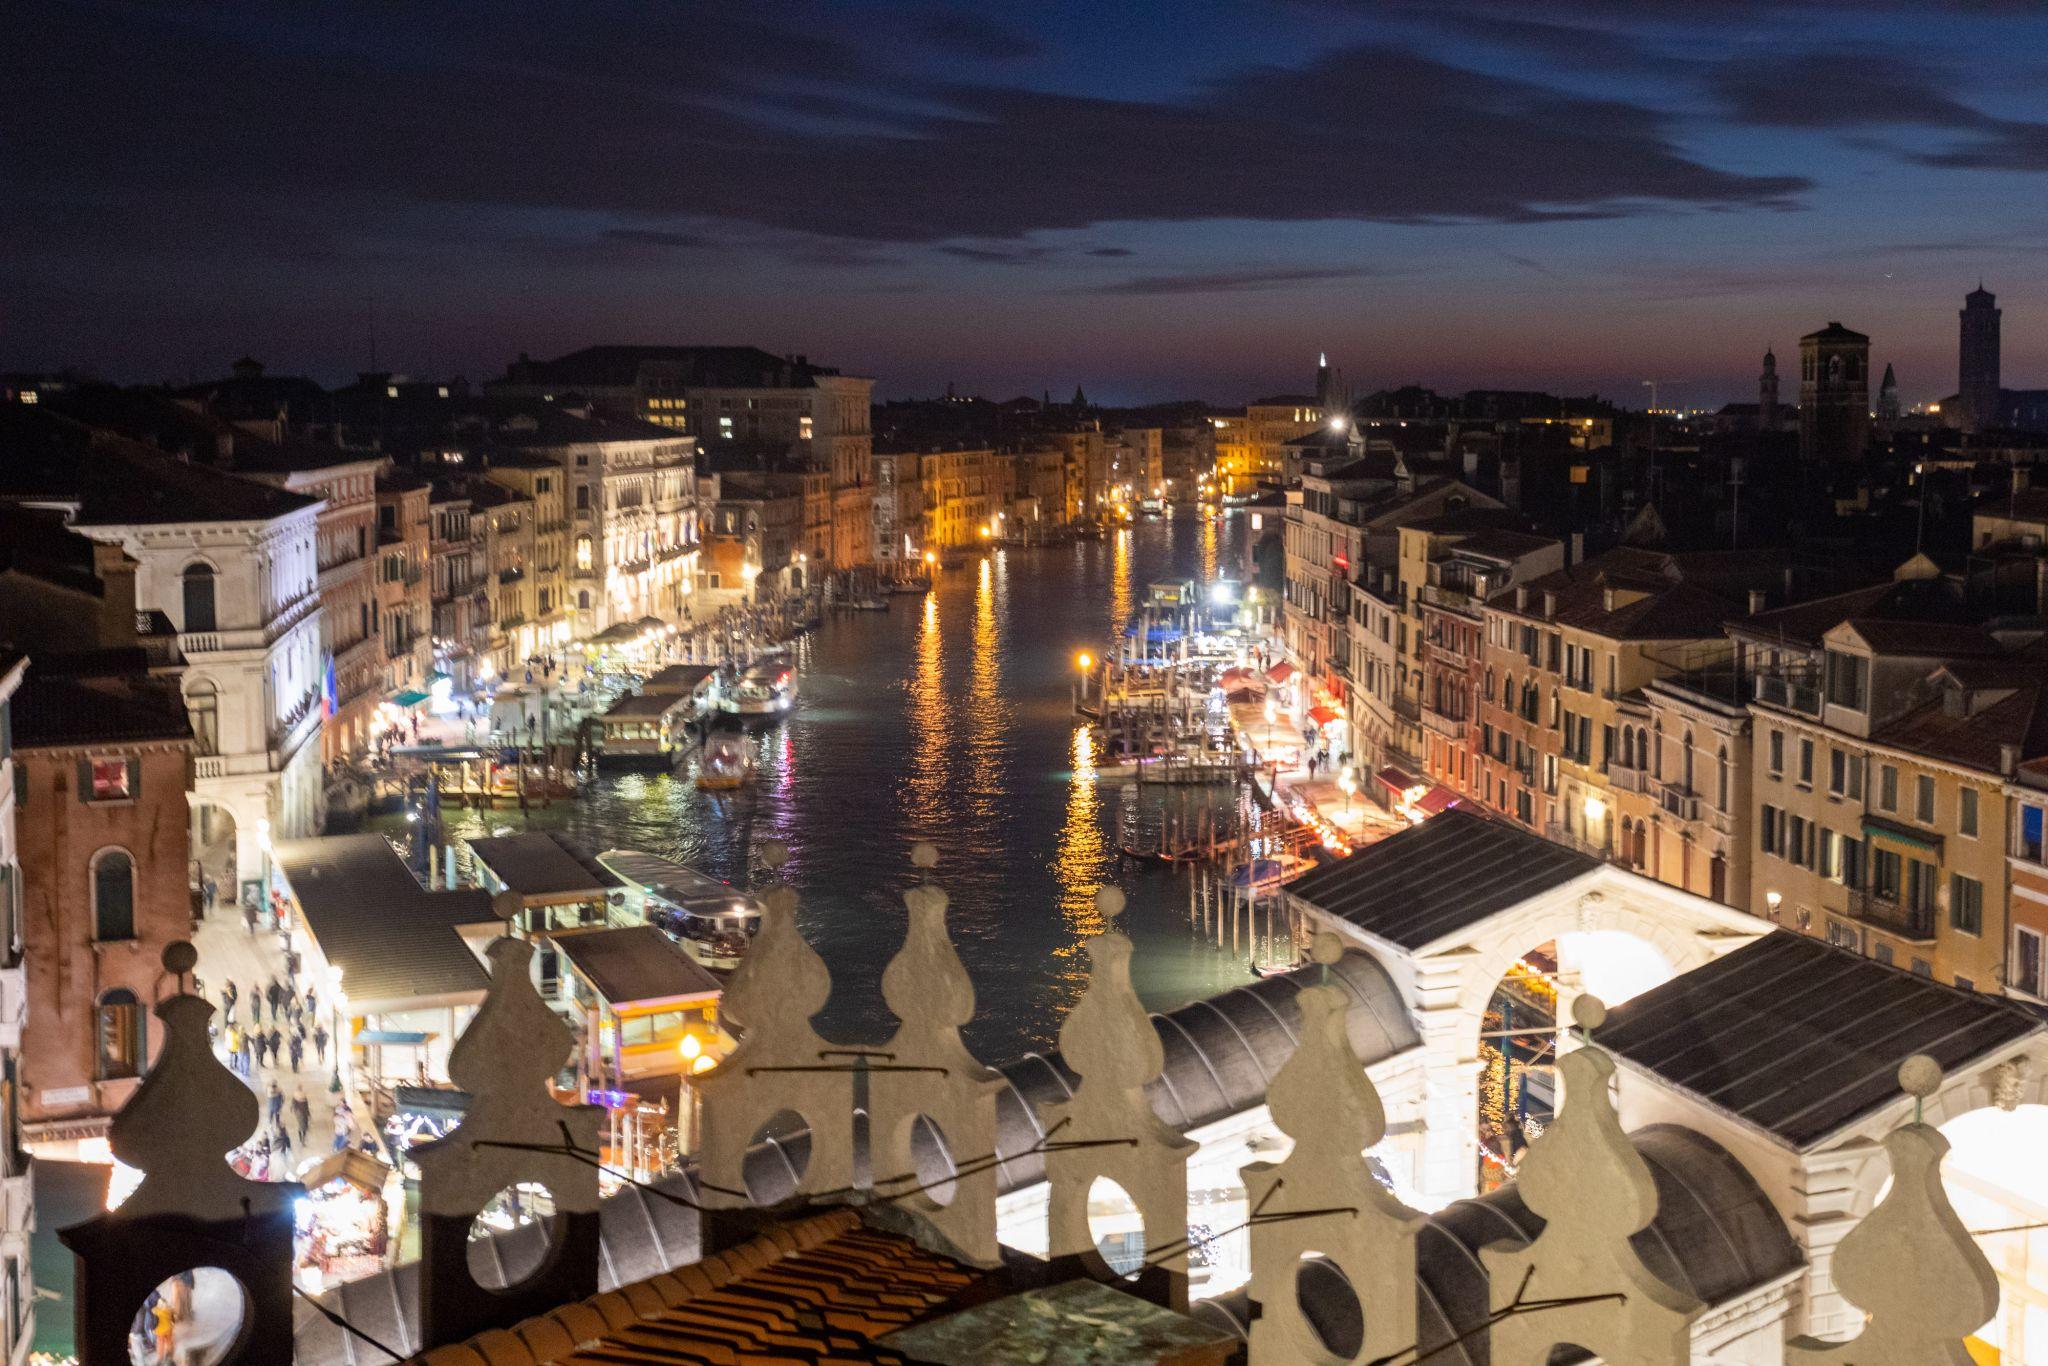 Abends auf der Dachterrasse von T Fondaco dei Tedeschi, Italy